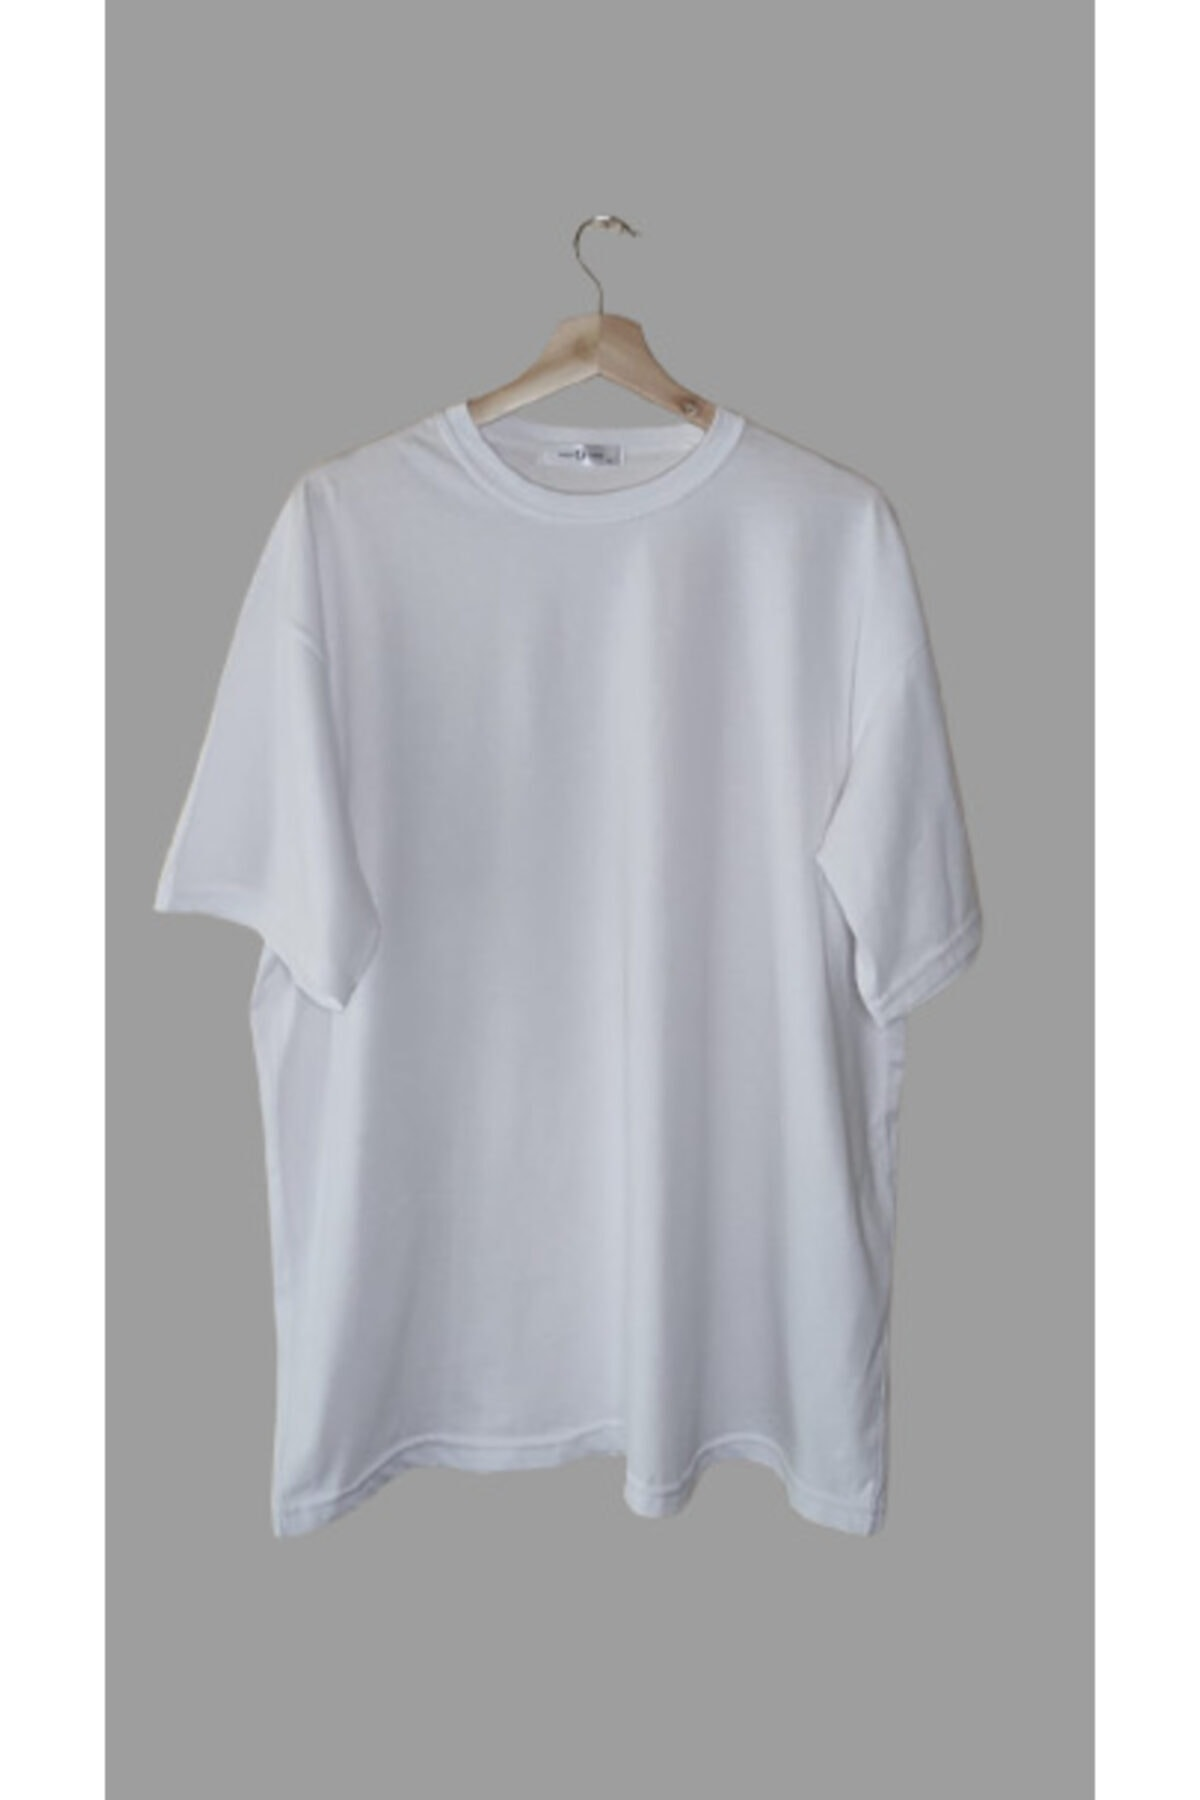 Unisex Beyaz Oversize Tişört